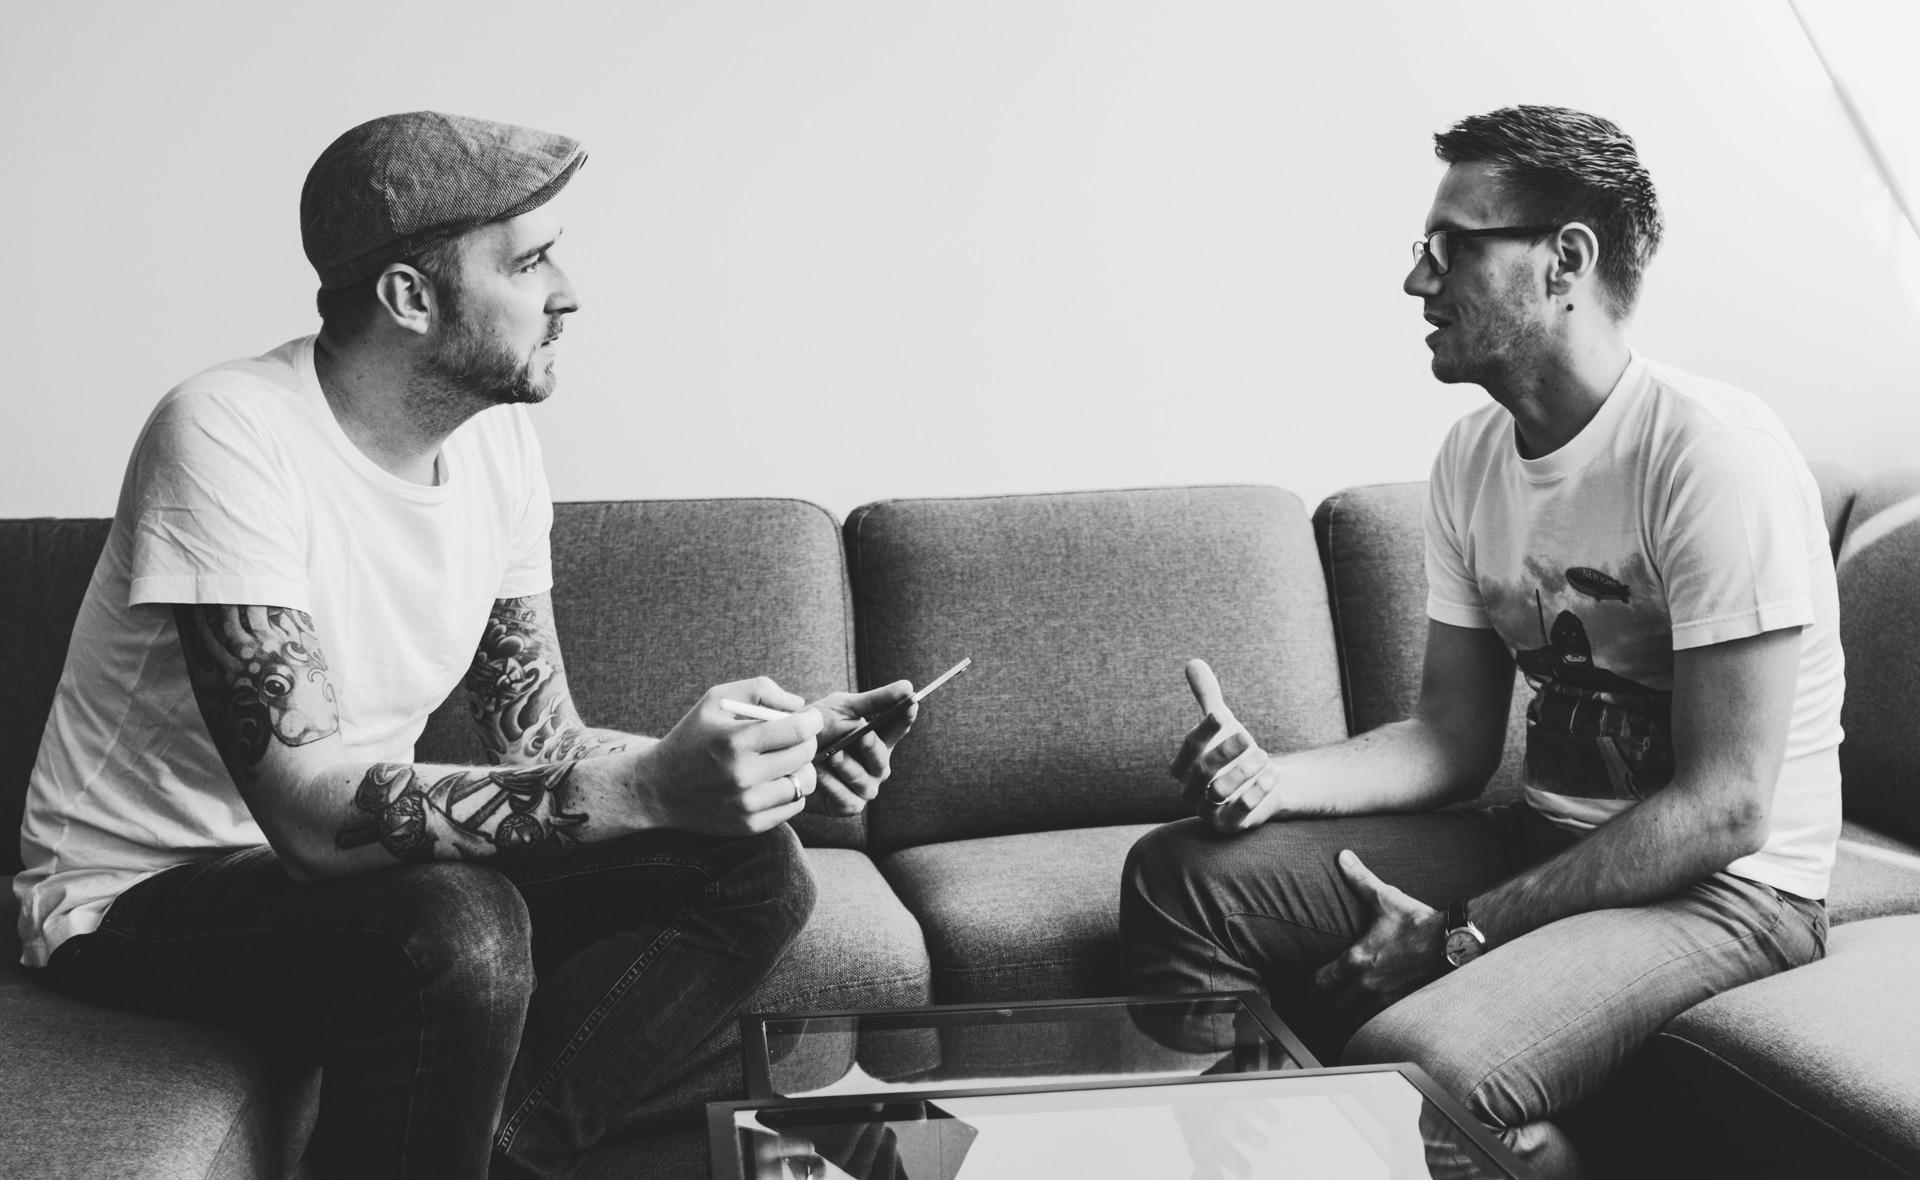 Dominik Wachholder (flink) und Florian Kozak (Johnny Be Good) im Interview